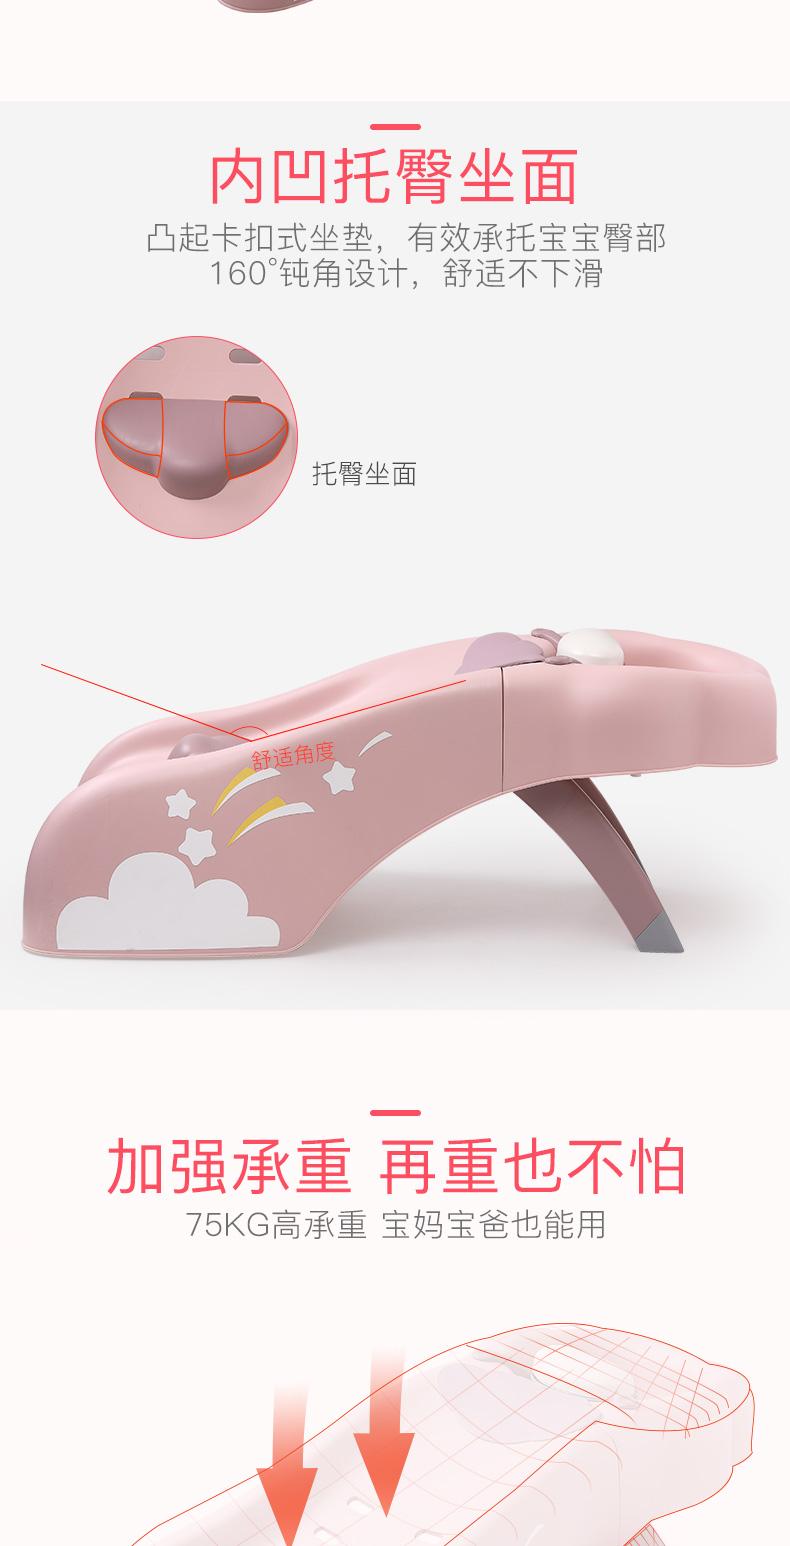 世纪宝贝婴儿童洗头髮躺椅神器加大家用可摺迭小孩宝宝洗髮椅架床详细照片